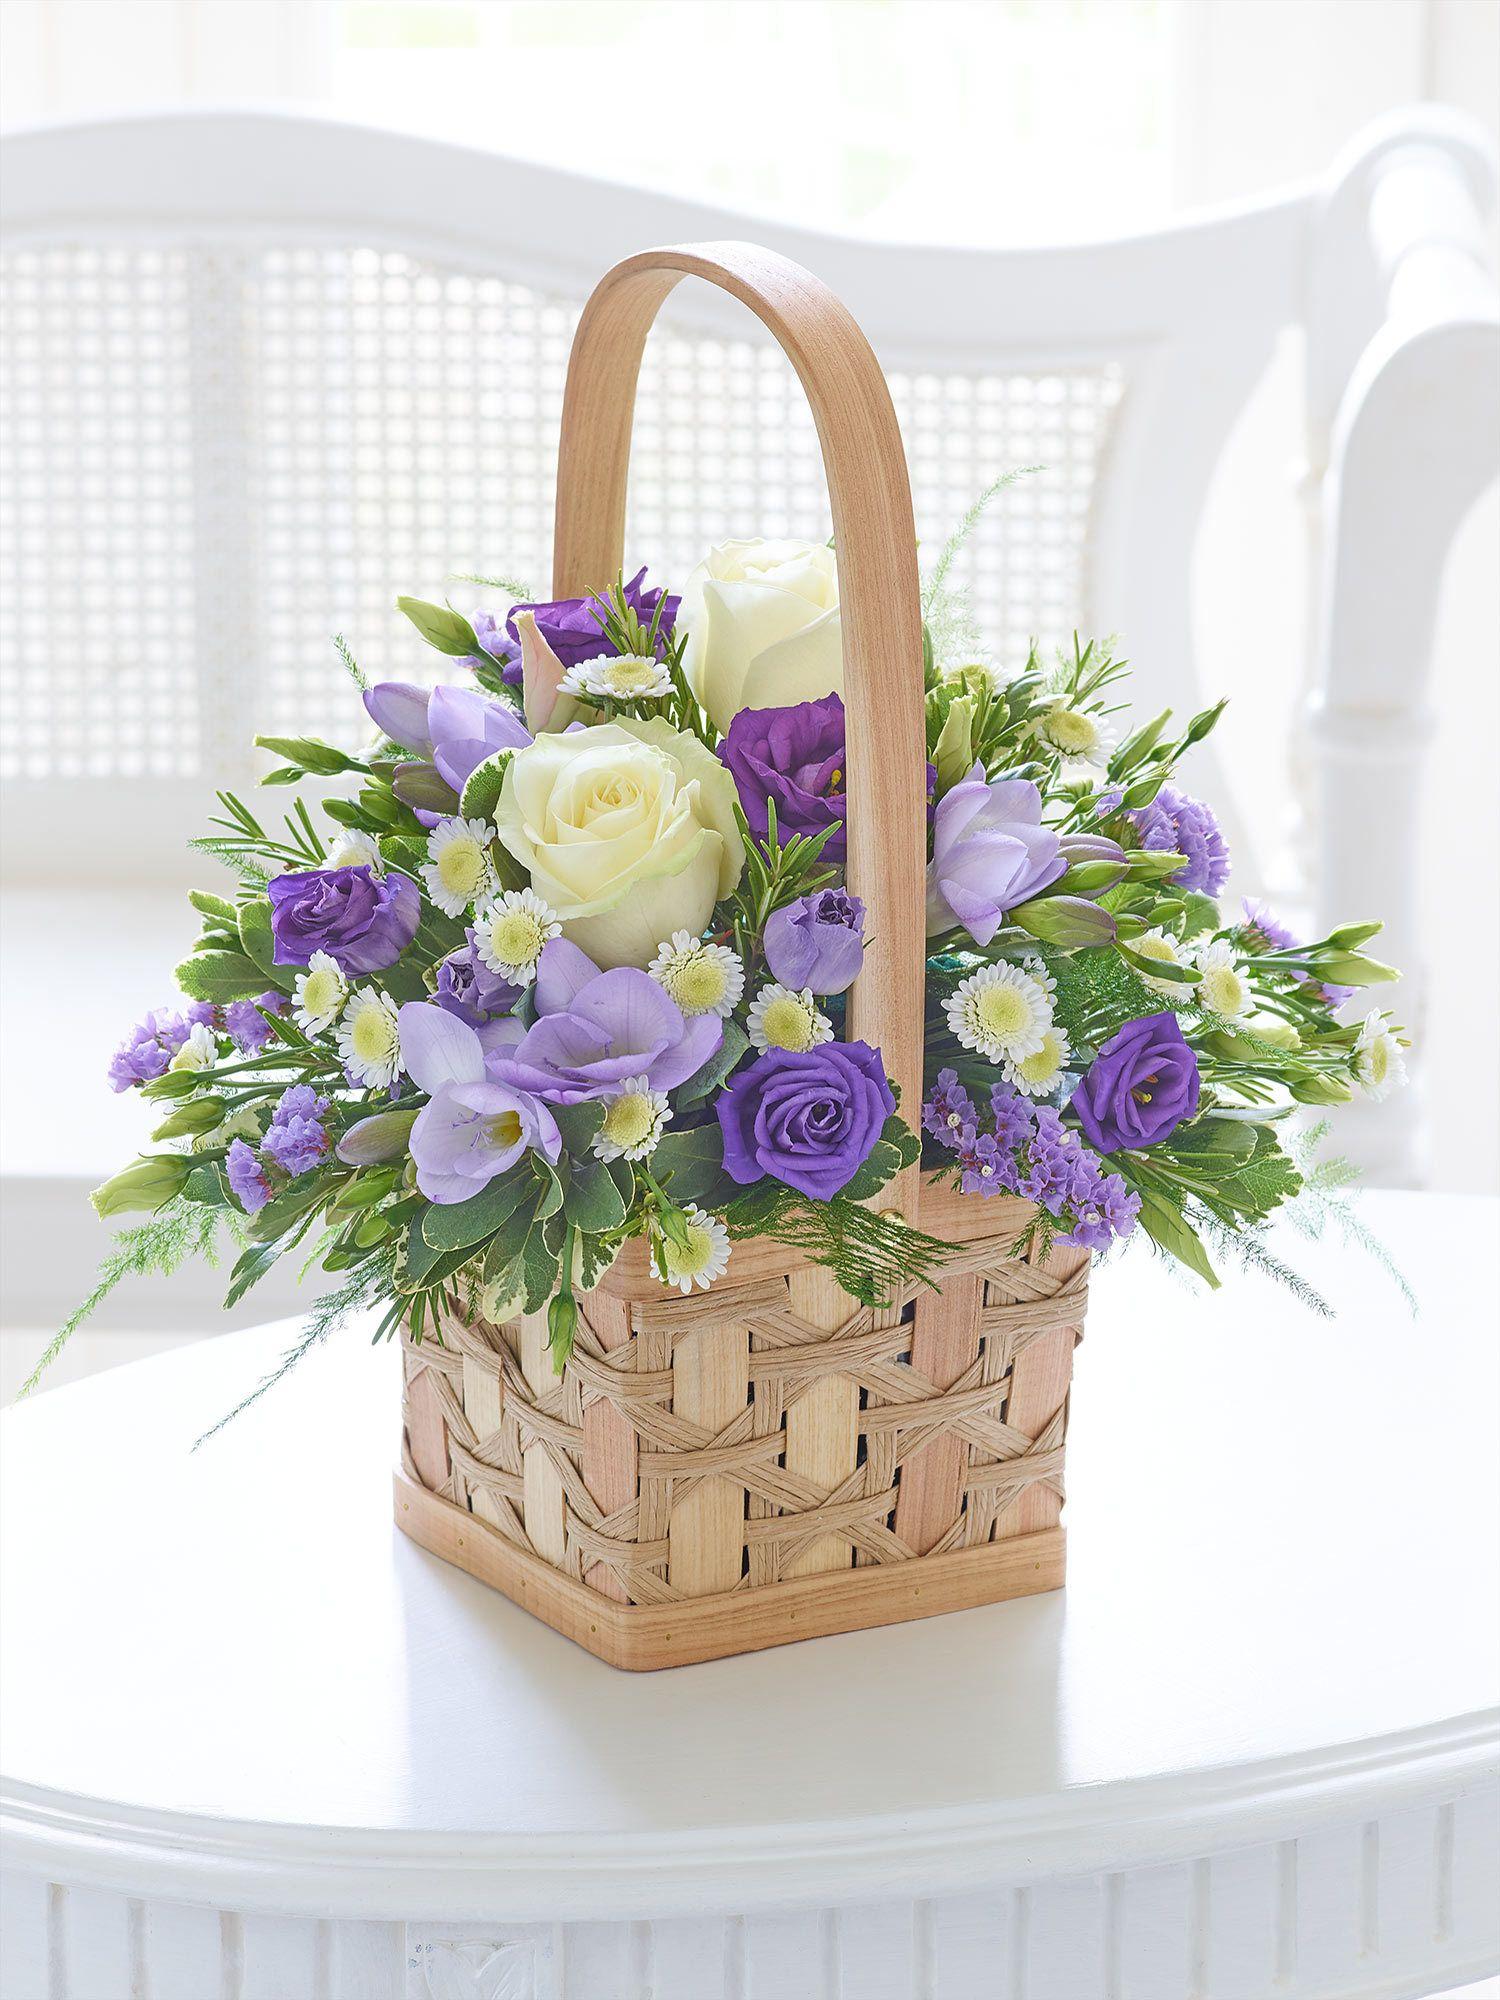 Melayani Pemesanan Berbagai Kategori Rangkaian Bunga Di Antaranya Bunga Bouqet Karanga Easter Flower Arrangements Basket Flower Arrangements Easter Flowers